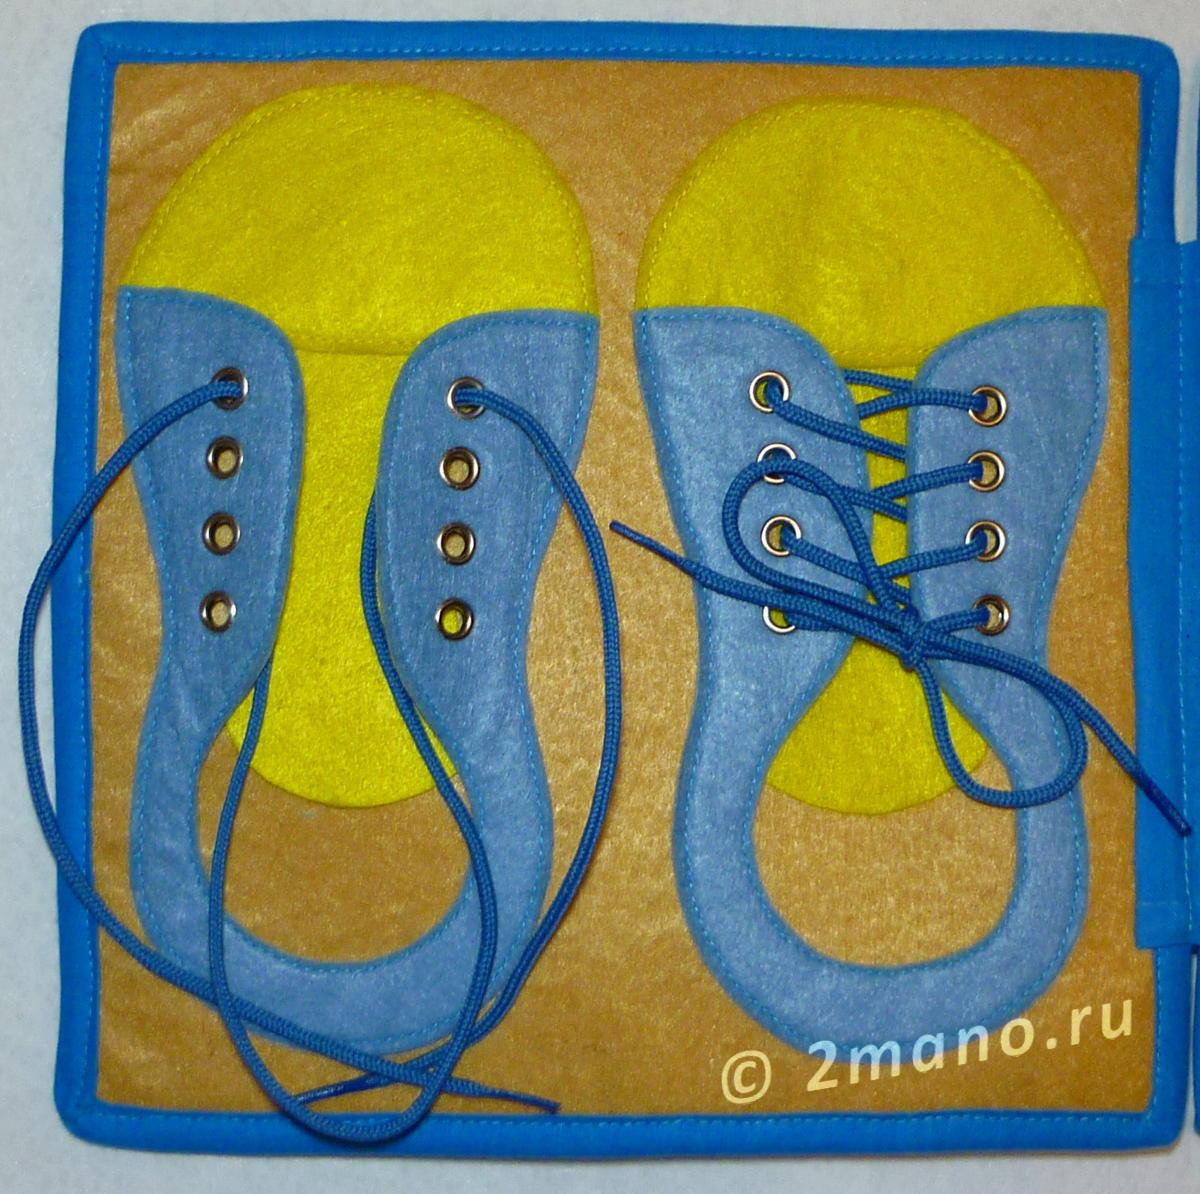 Шнуровка своими руками ботинки 264